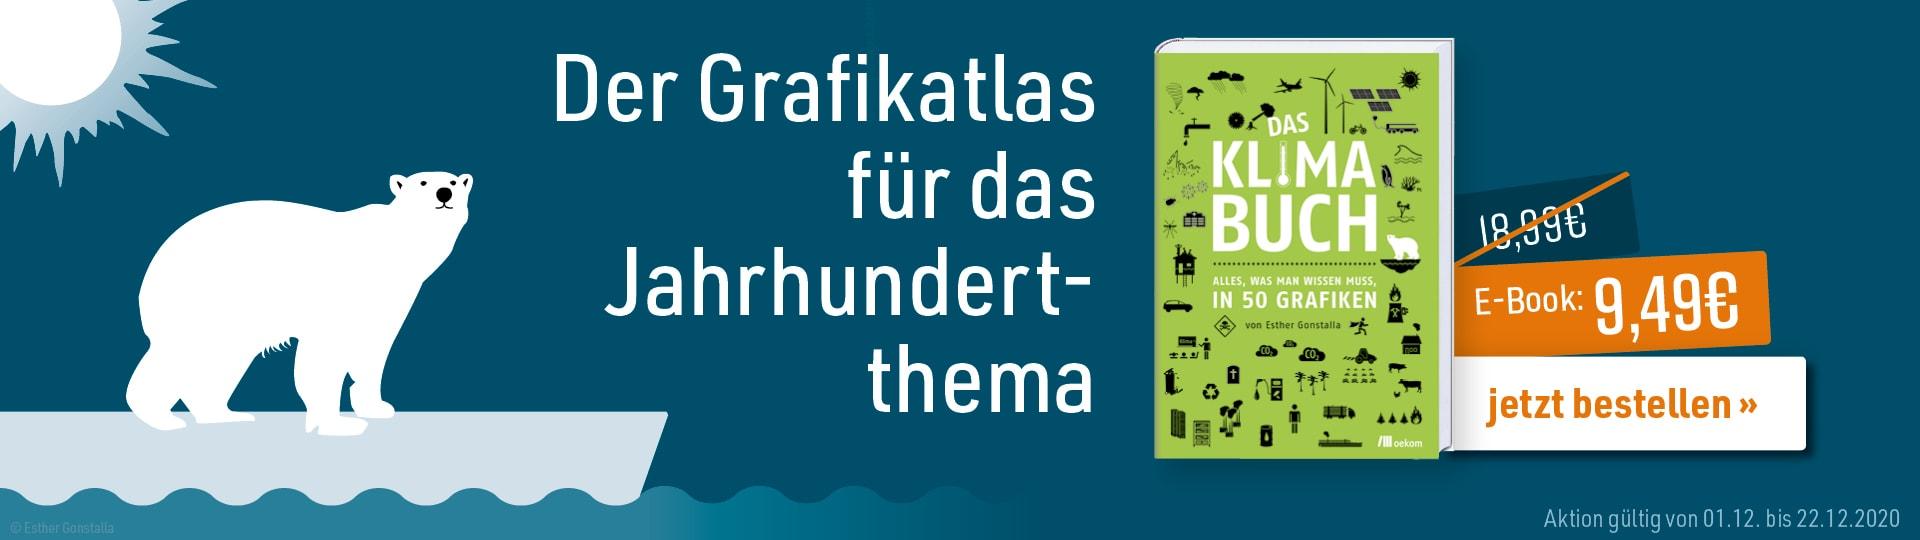 Werbebanner zu Esther Gonstallas Infografiken-Buch »Das Klimabuch« mit Hinweis auf vorübergehende Reduzierung des E-Book-Preises von 18,99 € auf 9,49 €